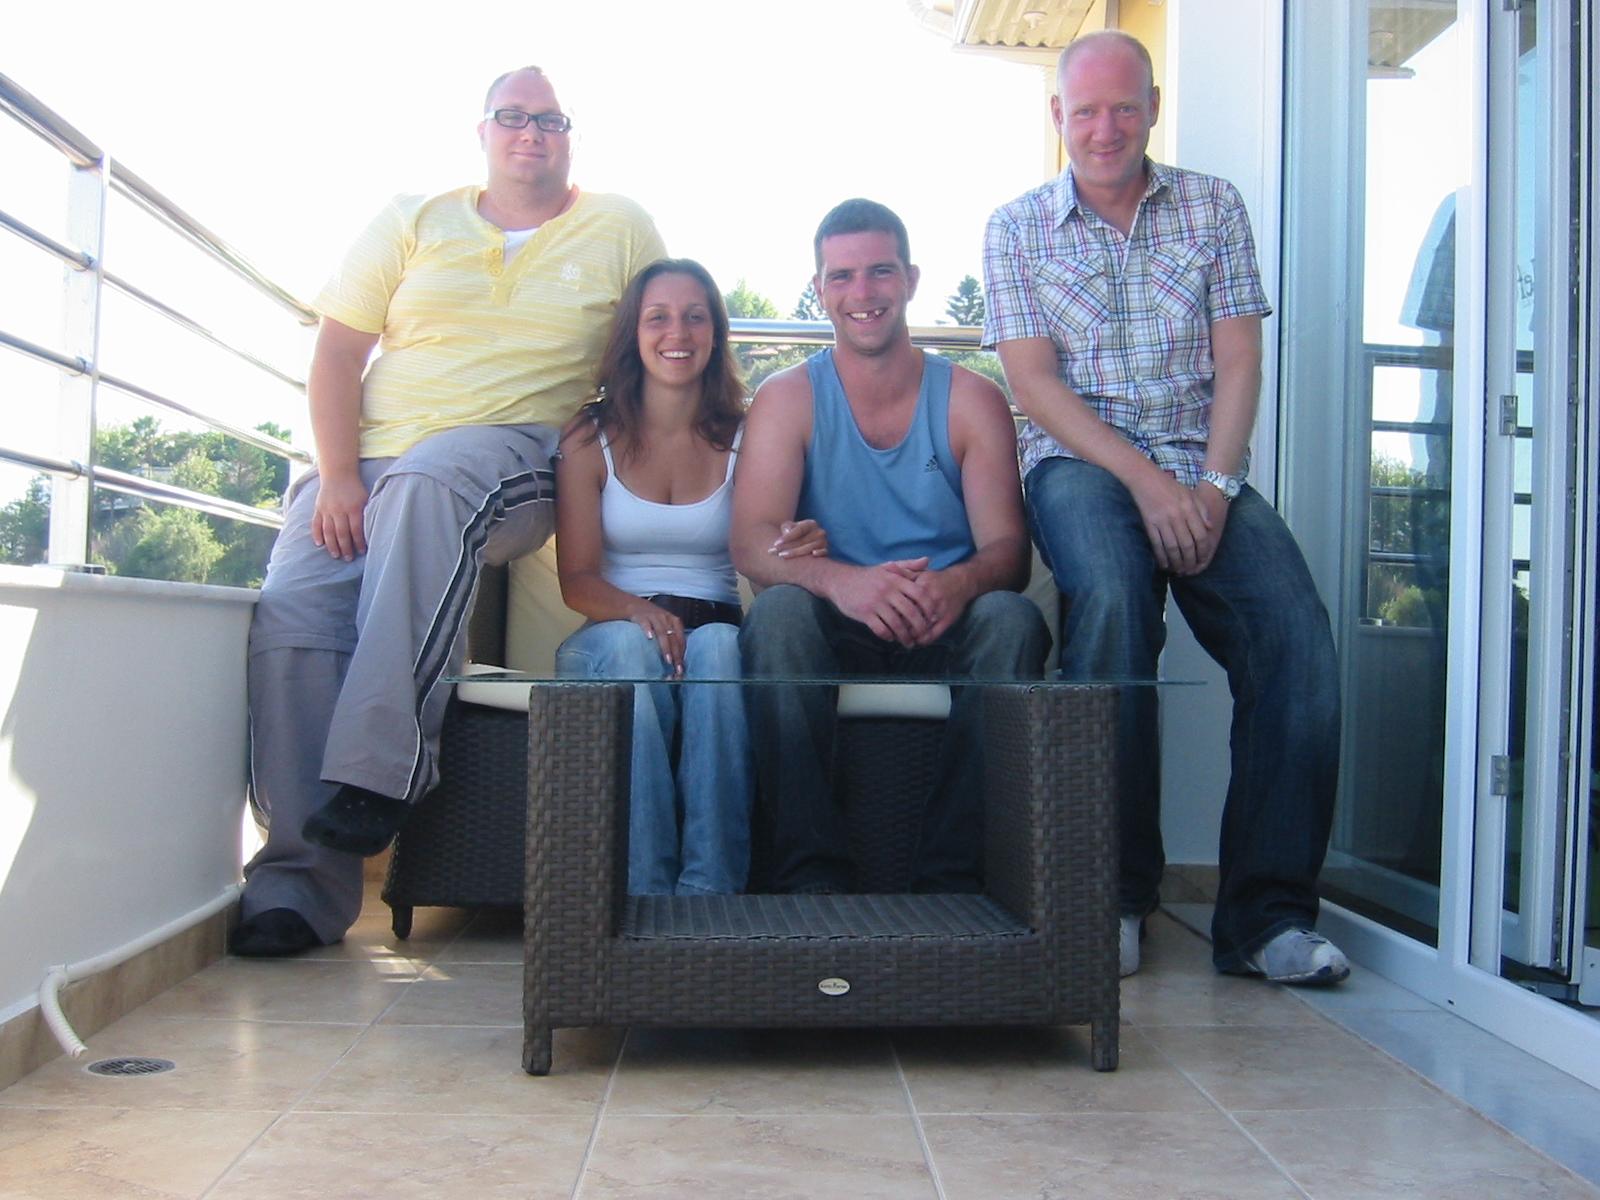 Jon, Vanessa, Adam and Scott